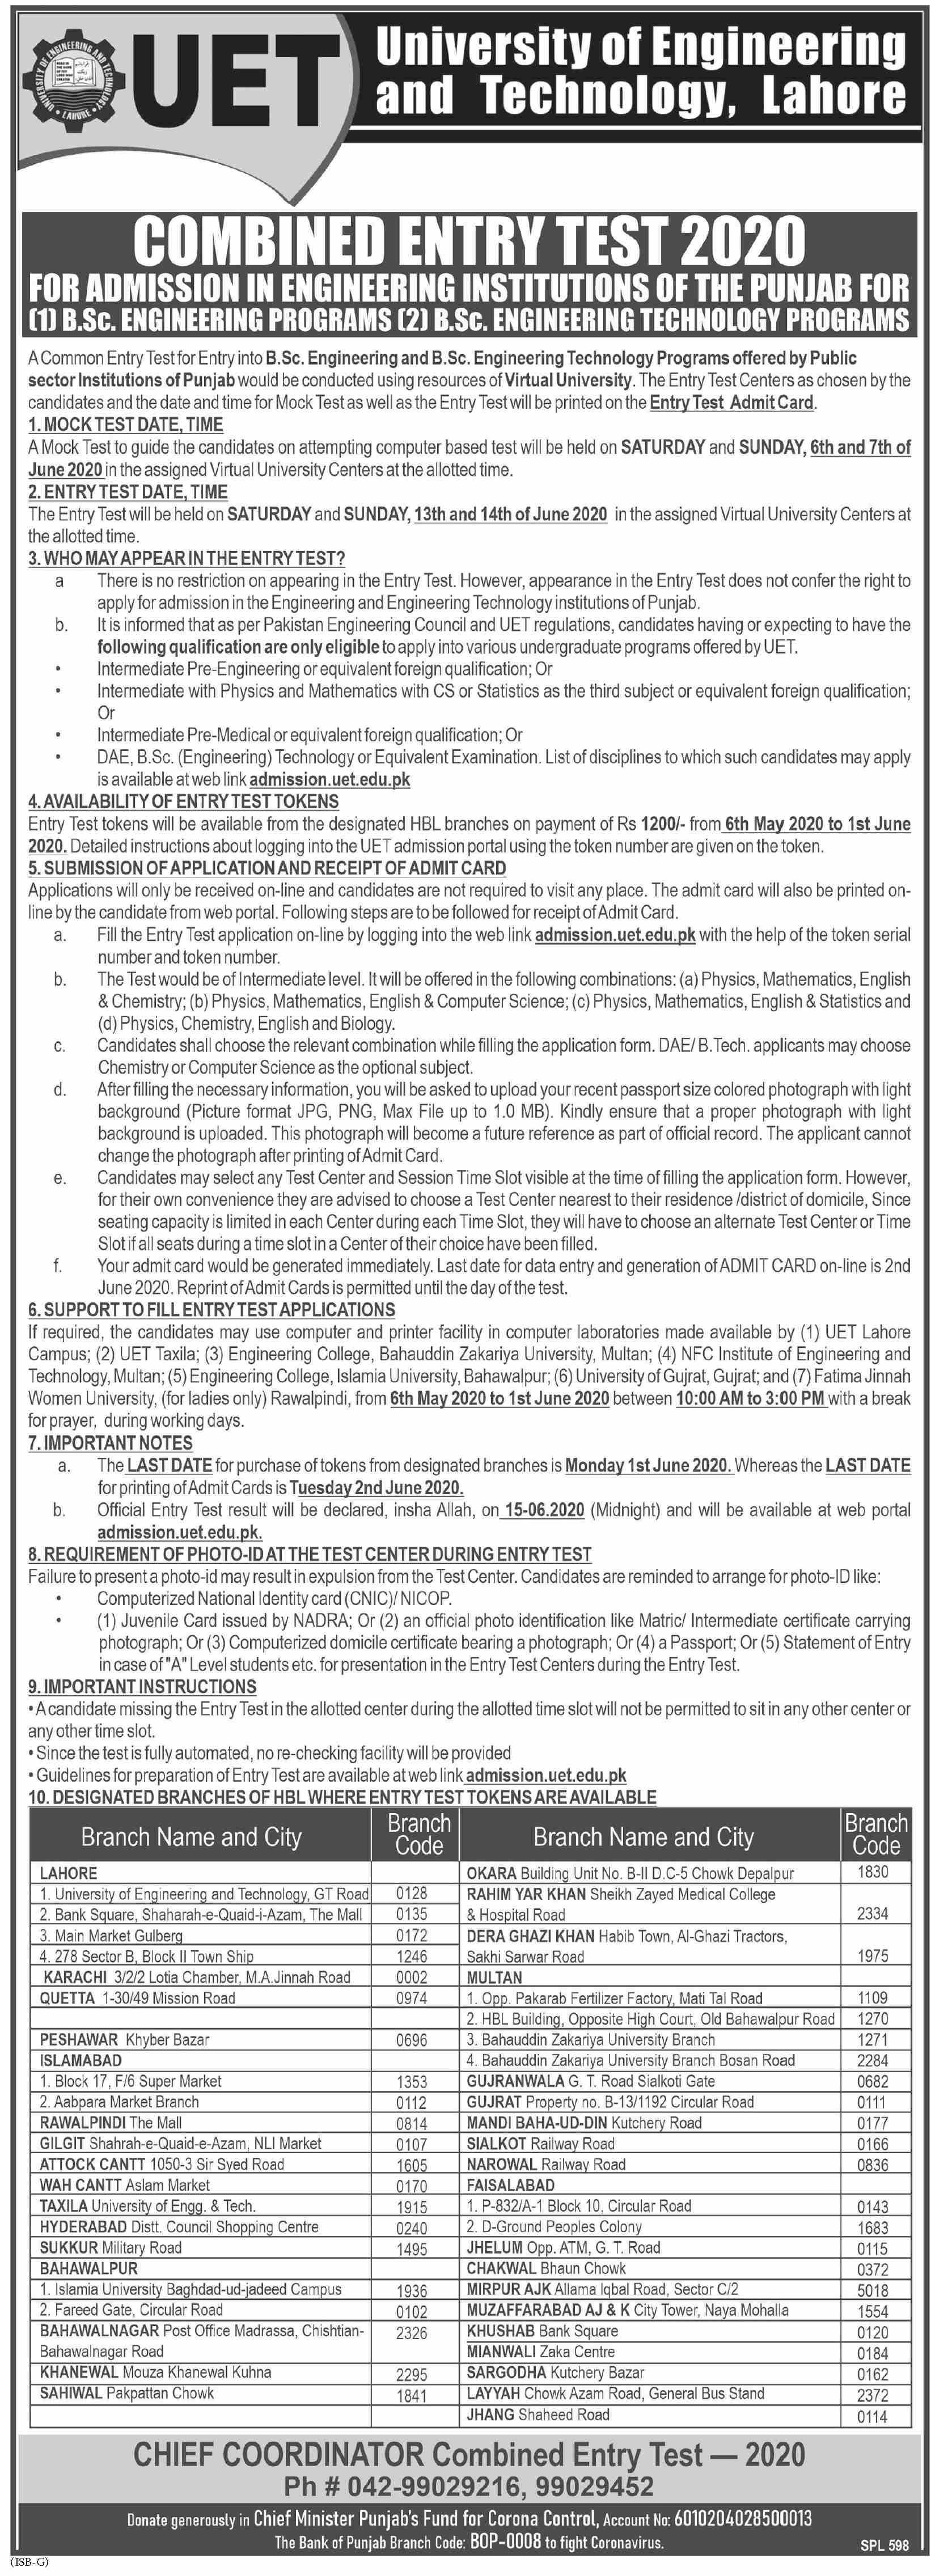 Uet Lahore Admissions